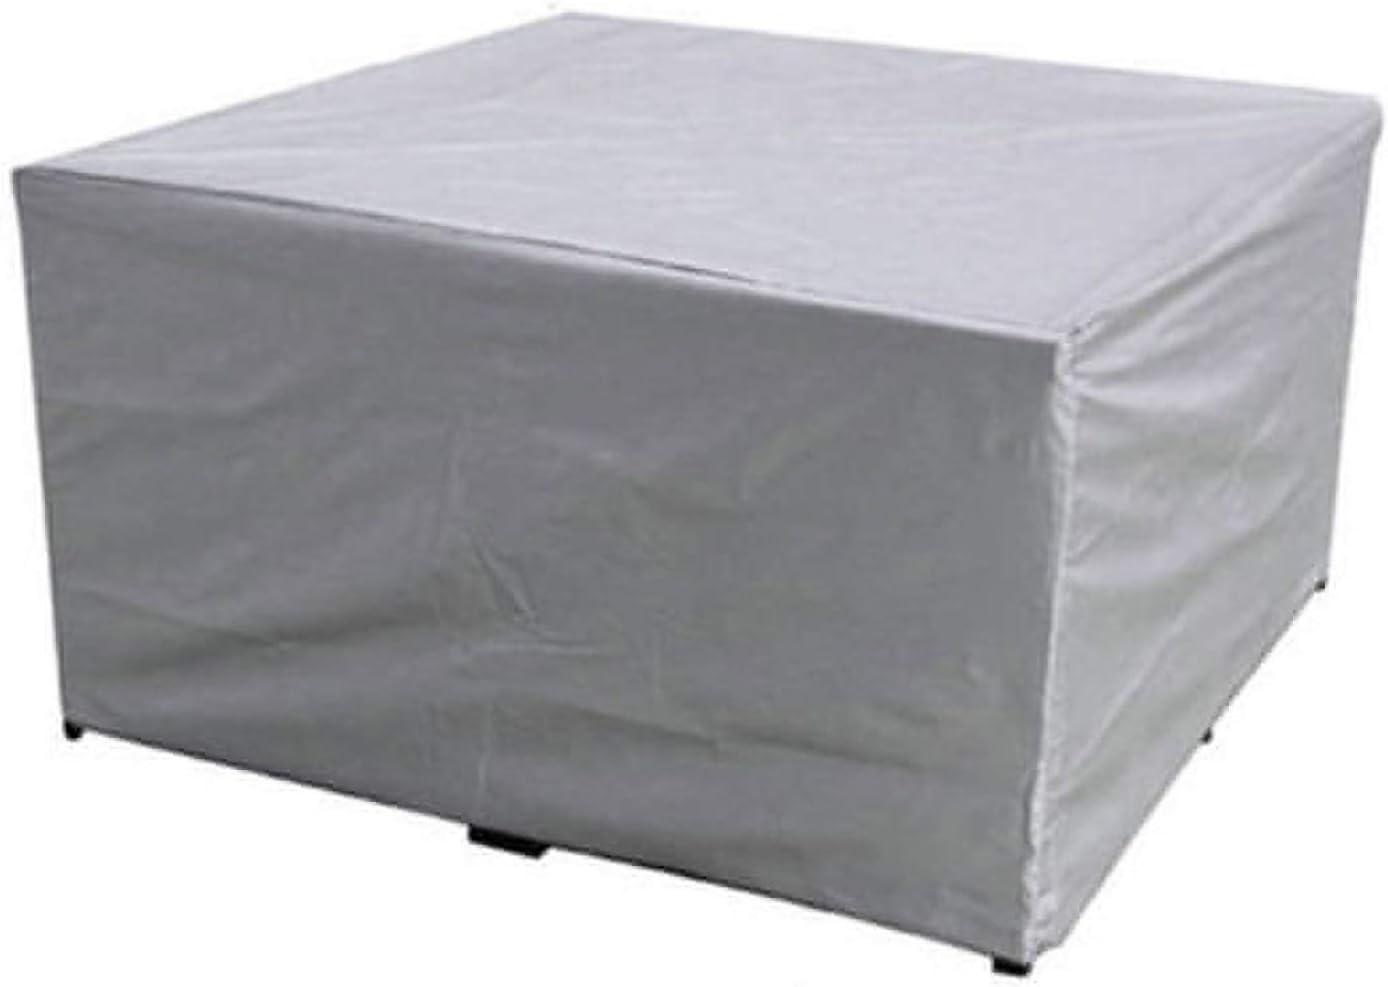 Ledph Funda de Muebles de jardín, Conjunto Cubierta Mesa Silla Exteriores, Cubiertas para Mueble de terraza, Funda Protectora Sofa copertura Impermeable para mesas Exterior Anti-UV,220 * 220 * 85cm